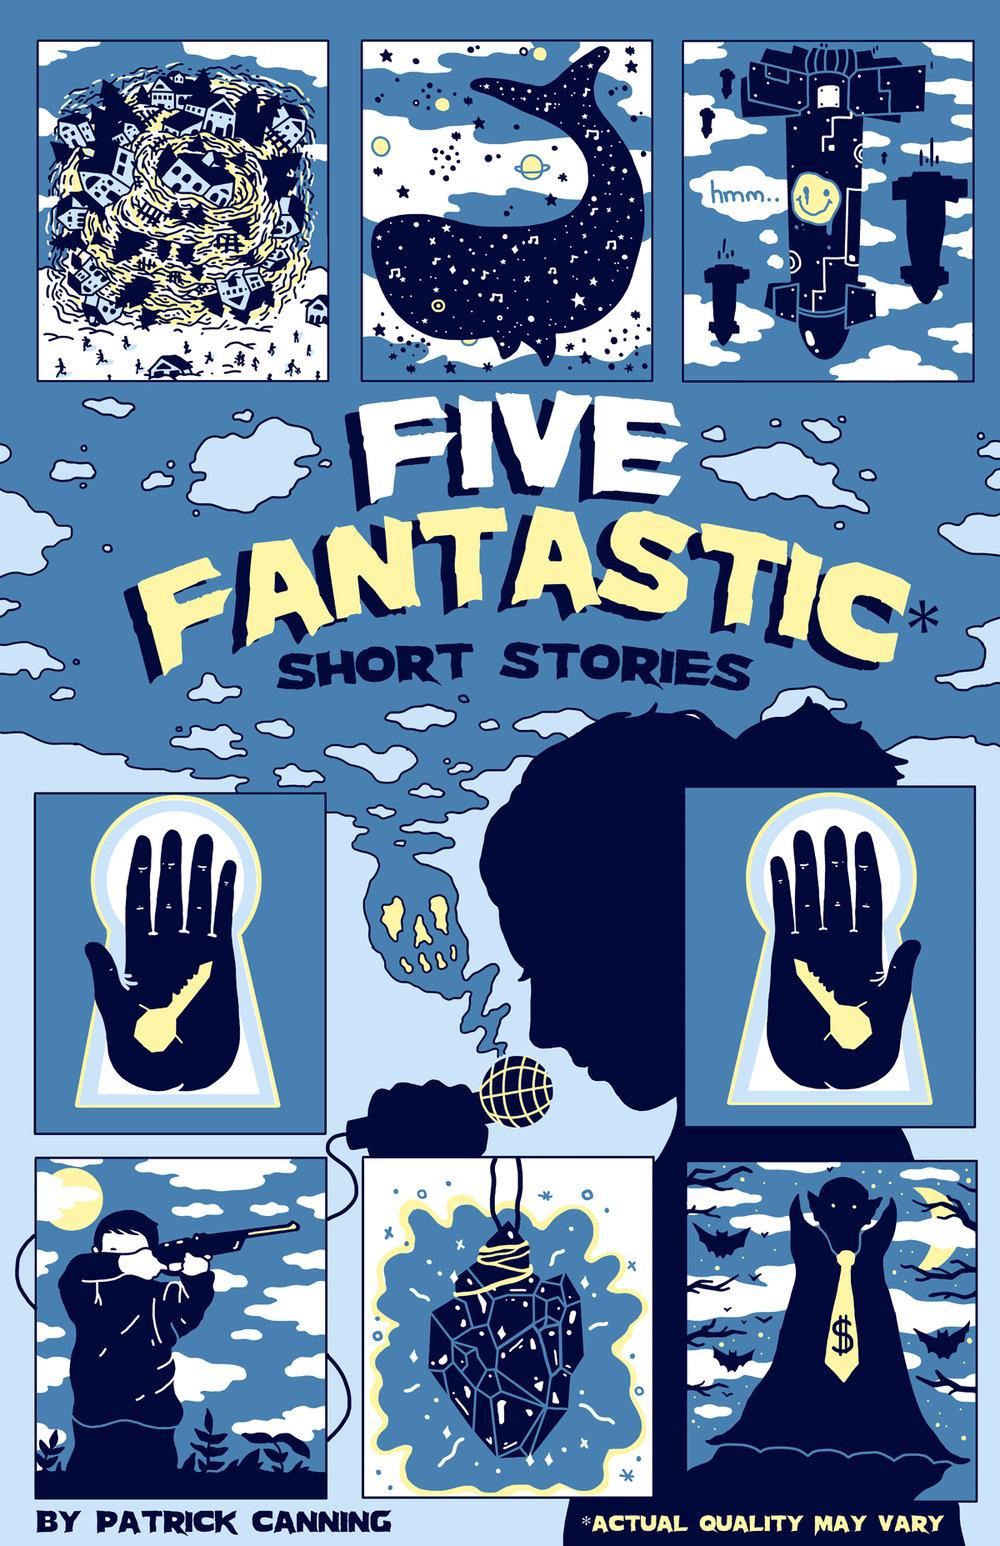 fivefantasticalillustration1.jpg